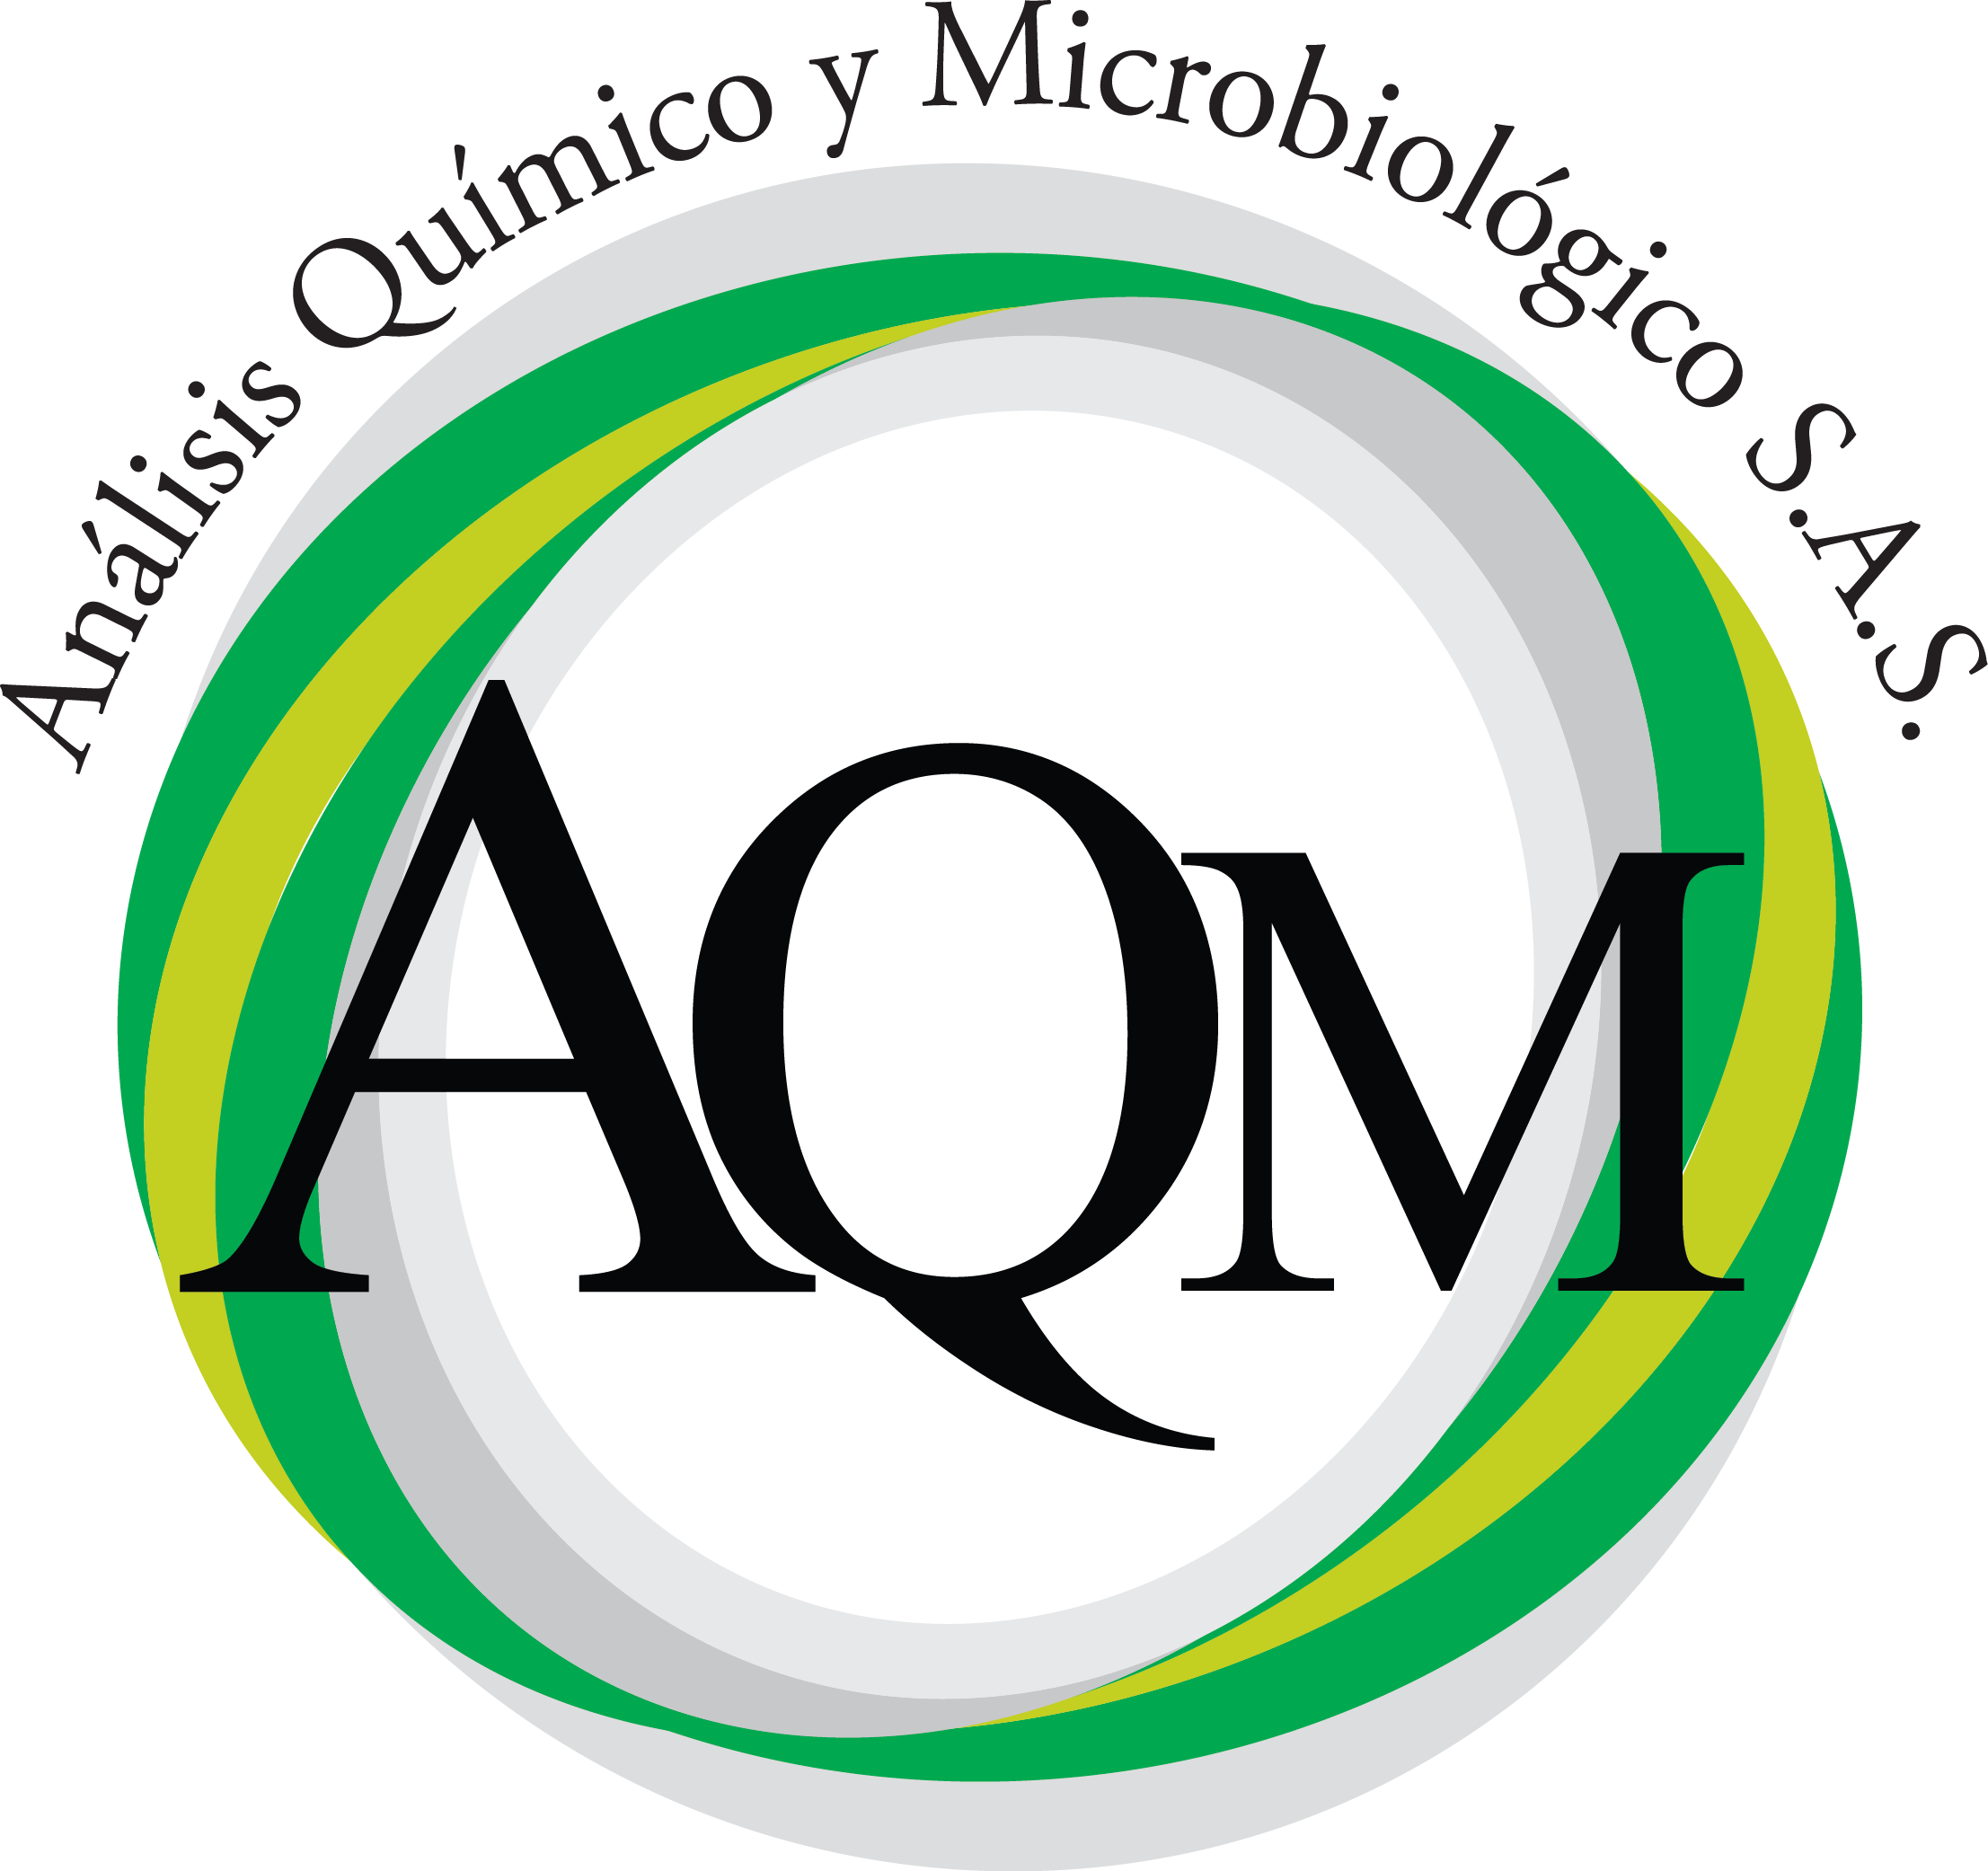 Análisis Químico y Microbiológico AQM SAS